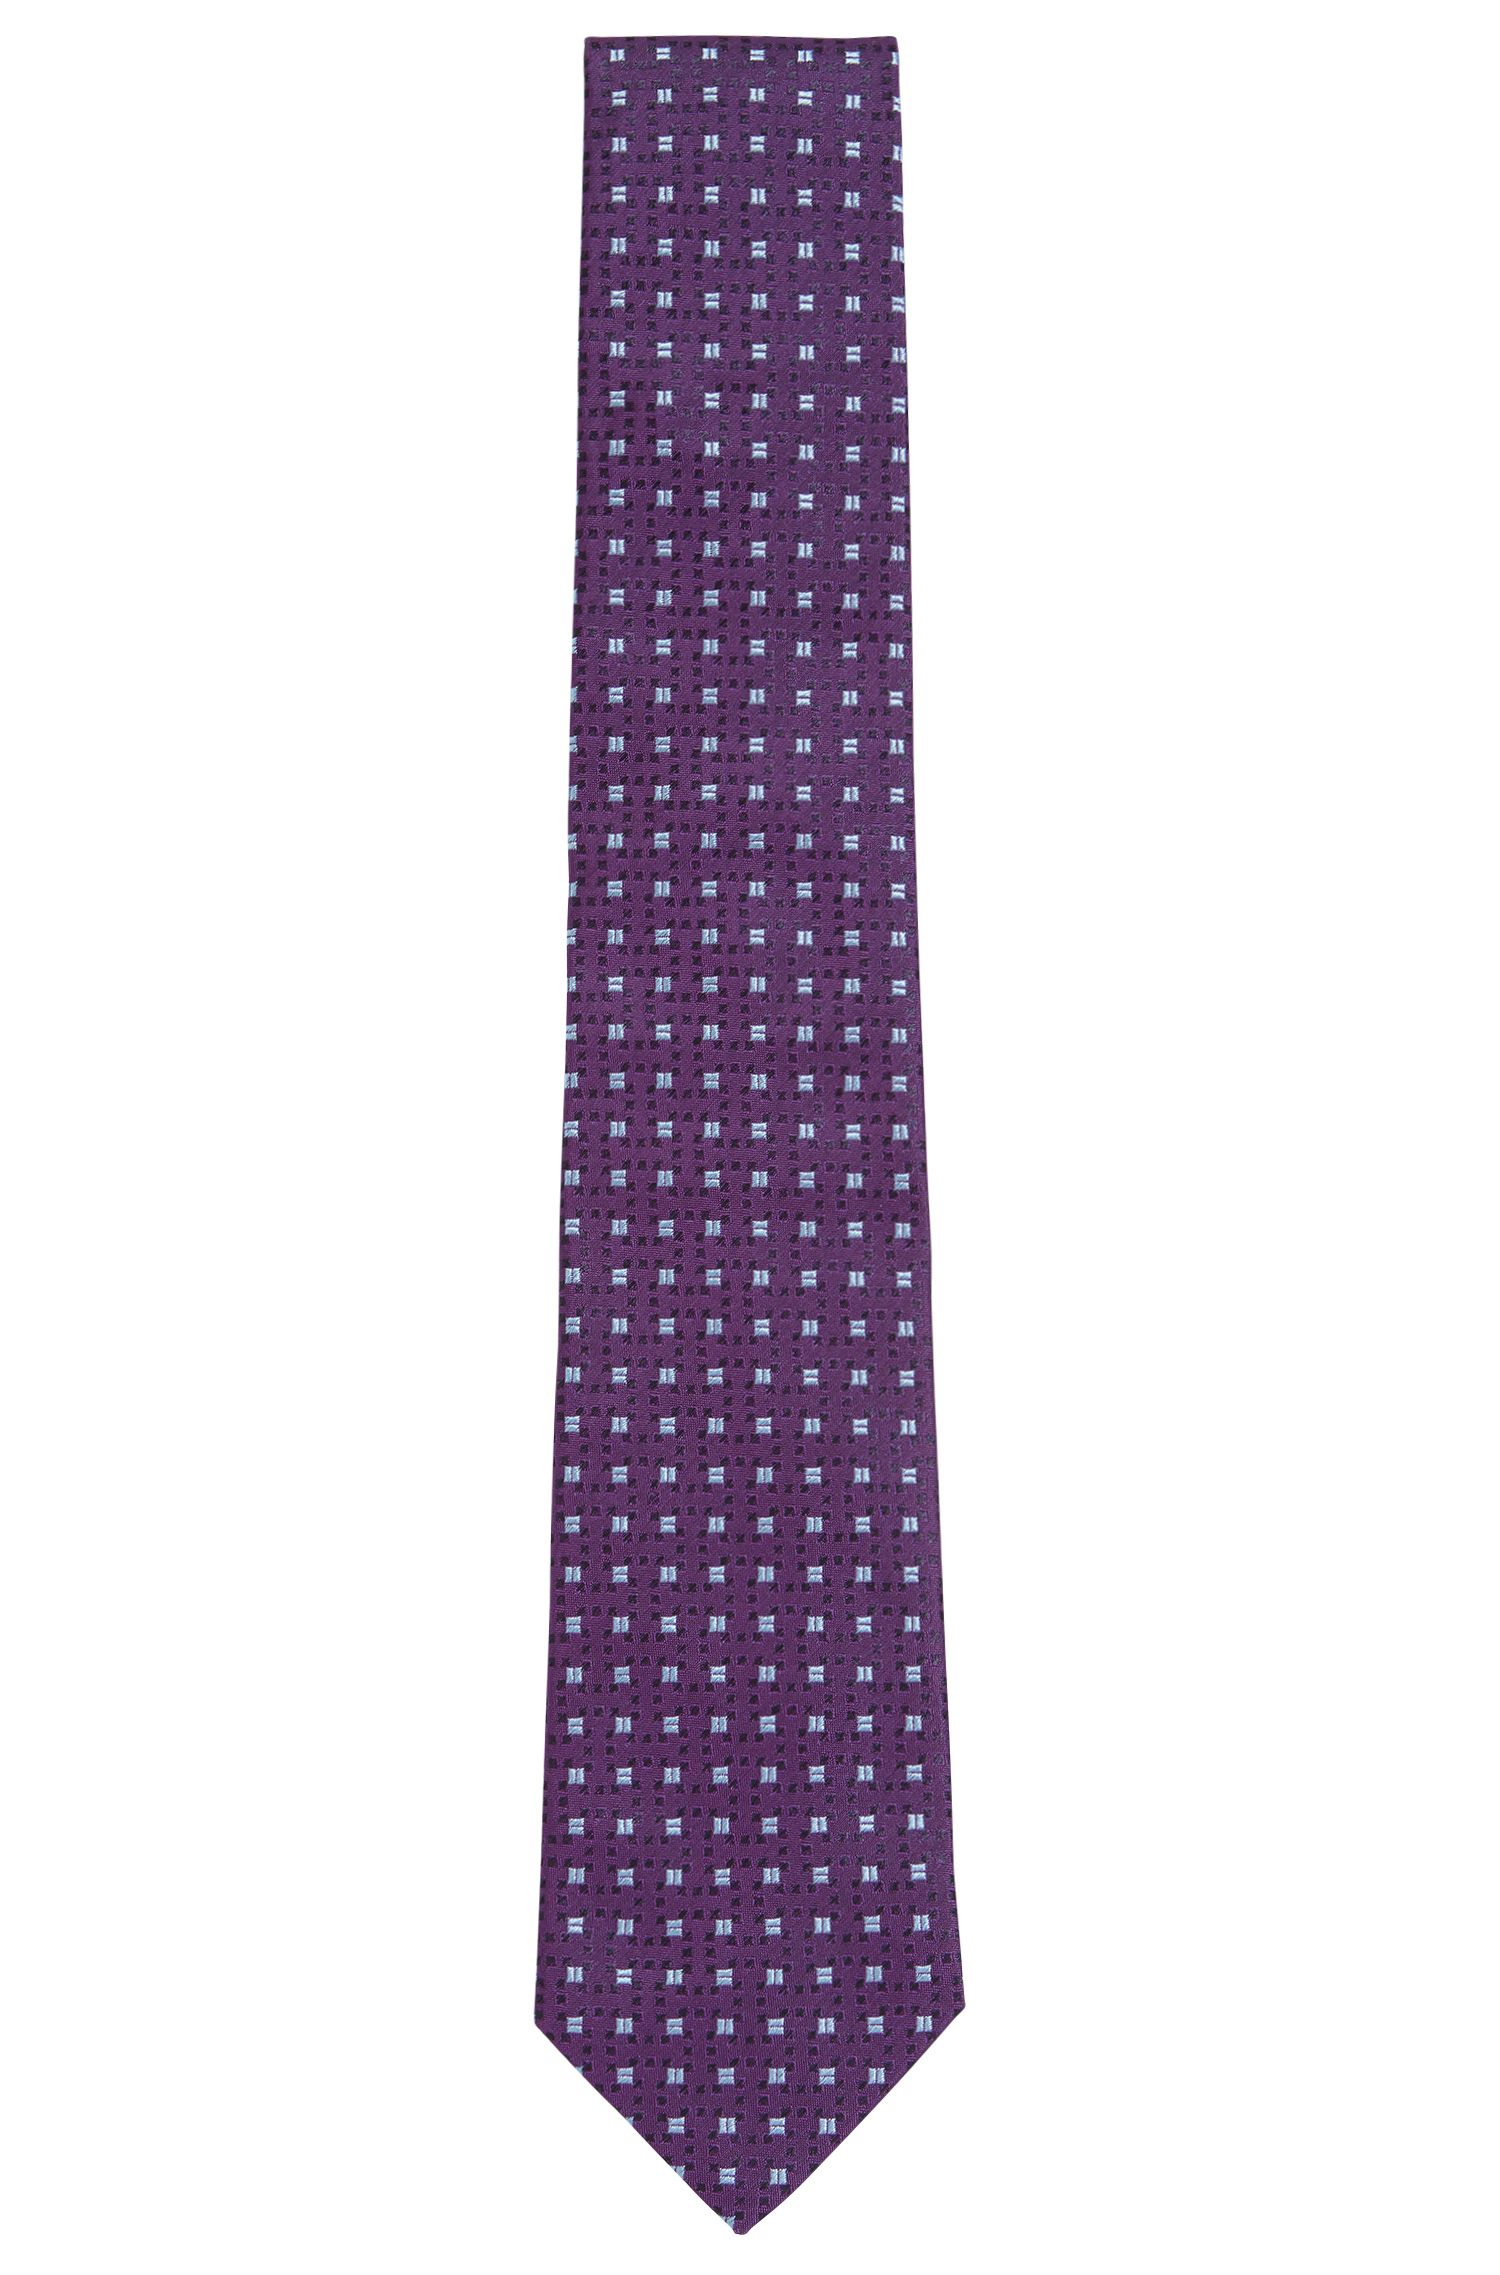 Cravatta jacquard con microdisegni in pregiata seta